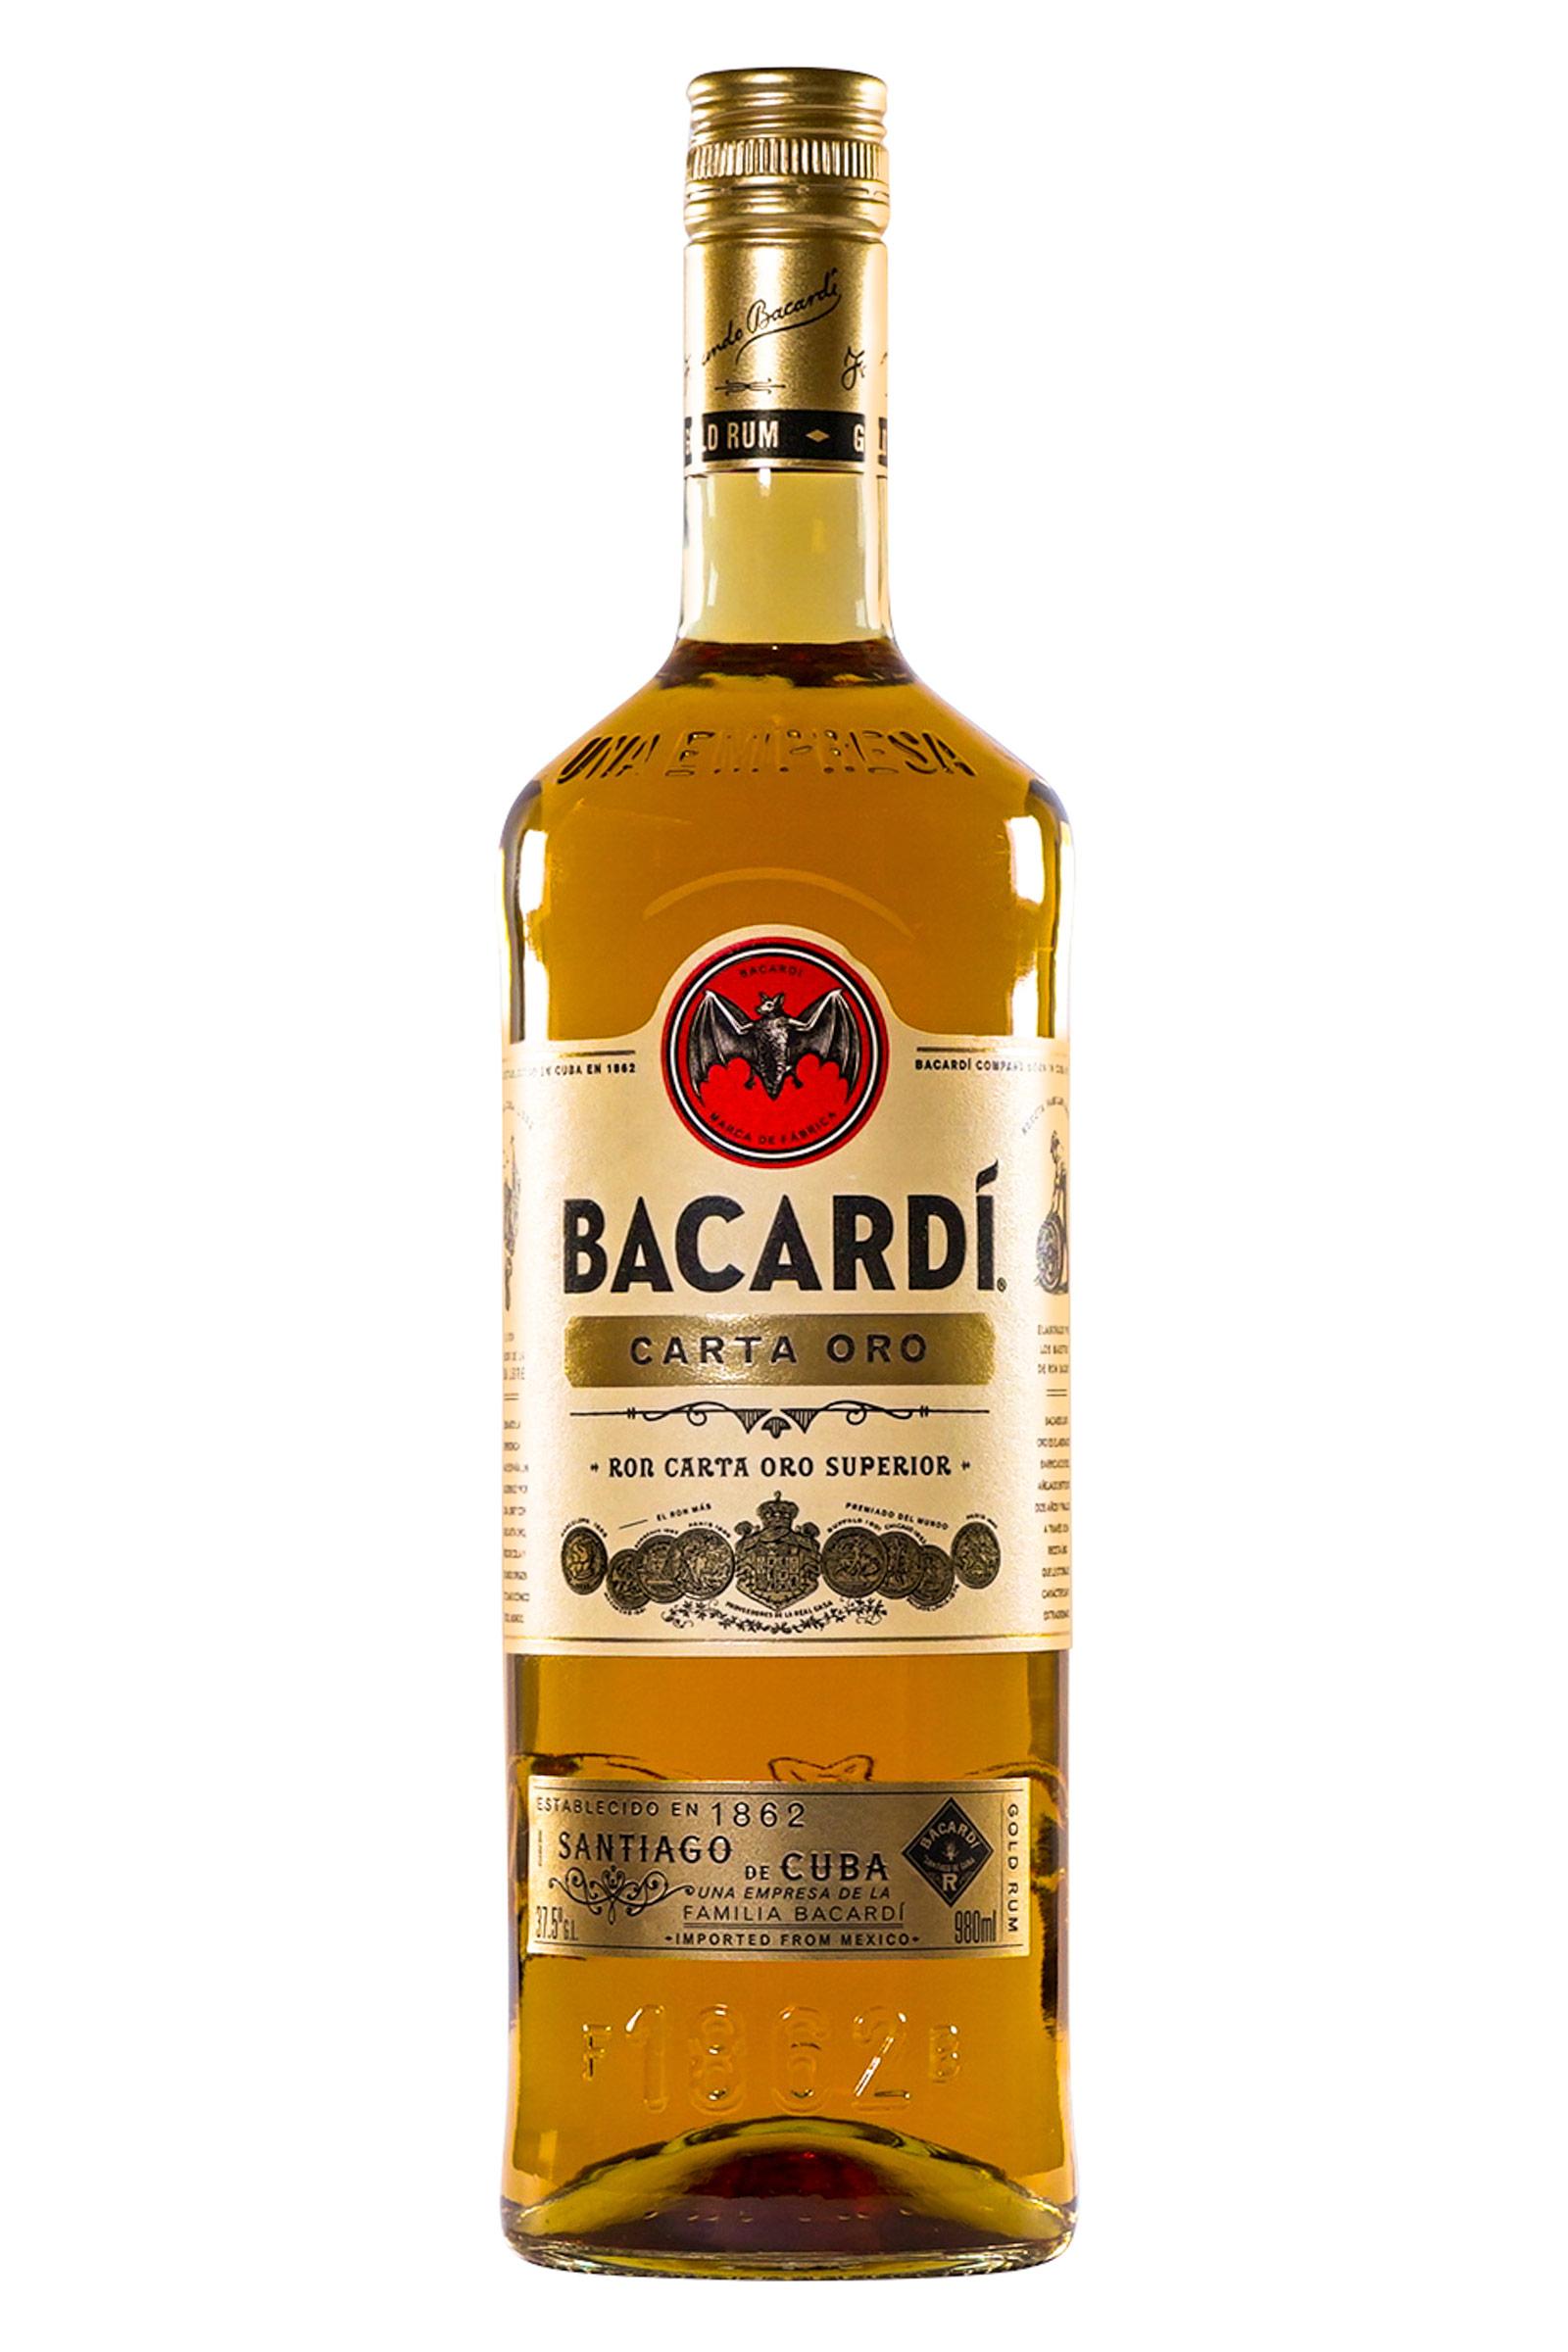 Ron Bacardi Carta Oro 980ml